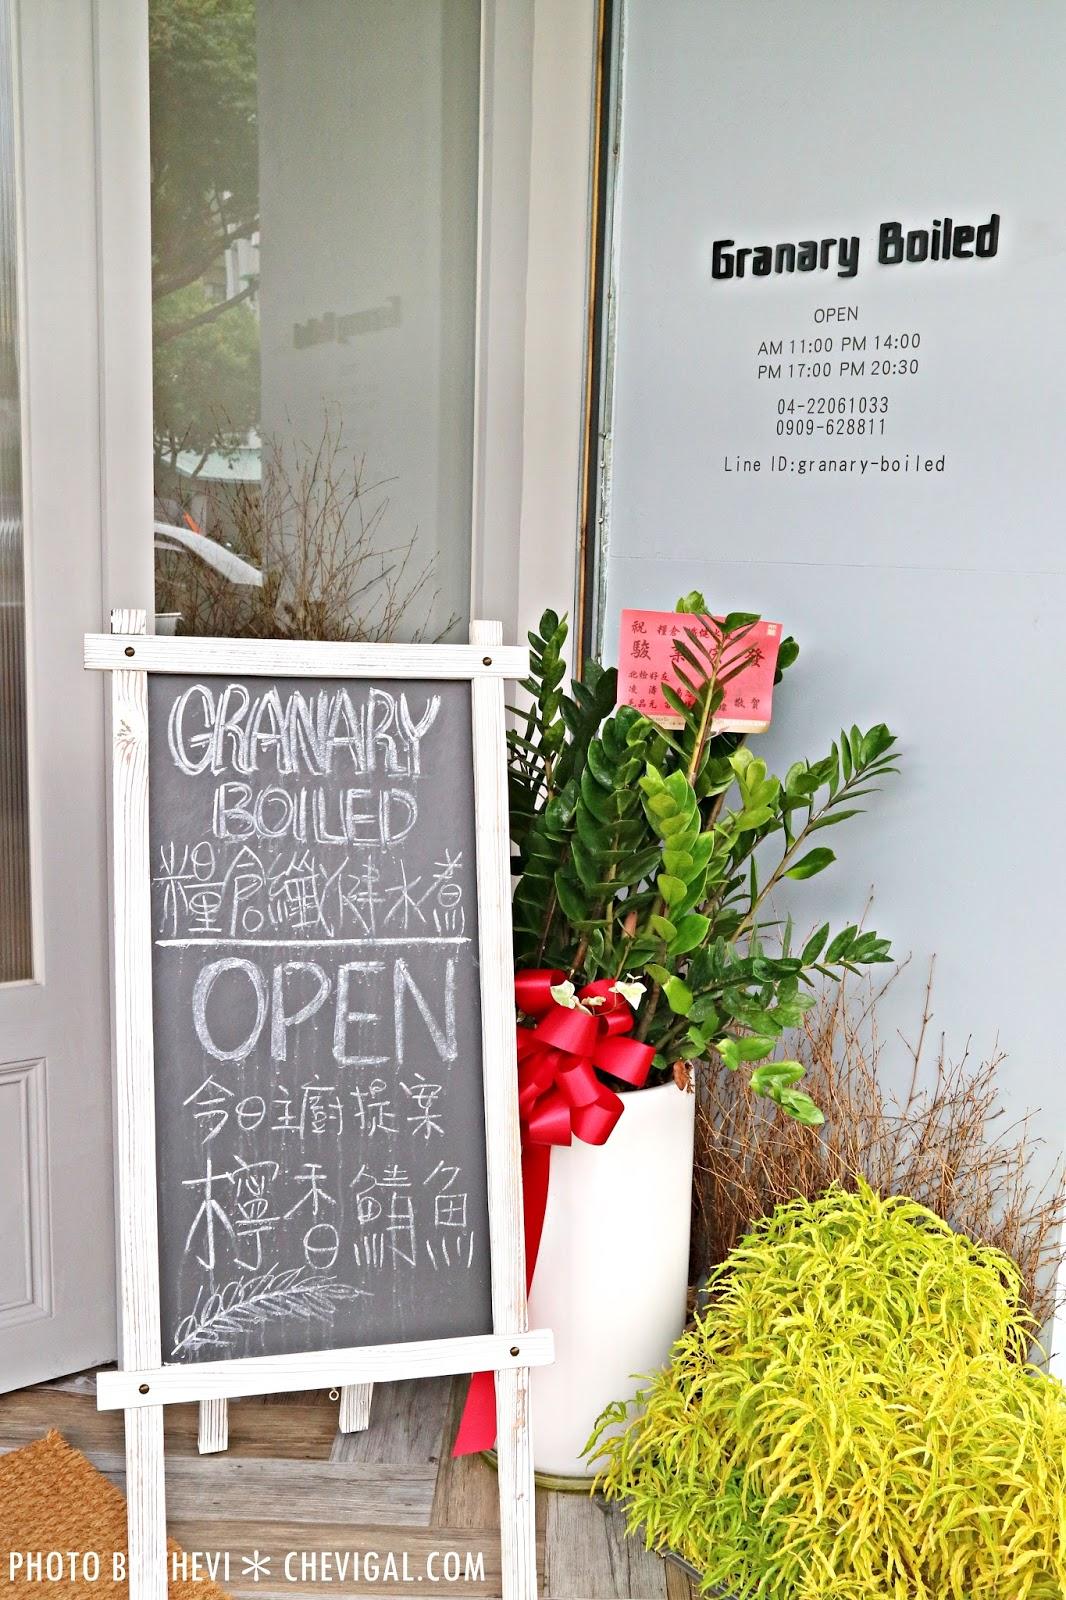 IMG 9647 - 糧倉 纖健水煮,隱身在柳川西路的文青小店。清爽水煮料理讓你吃到鮮甜原味